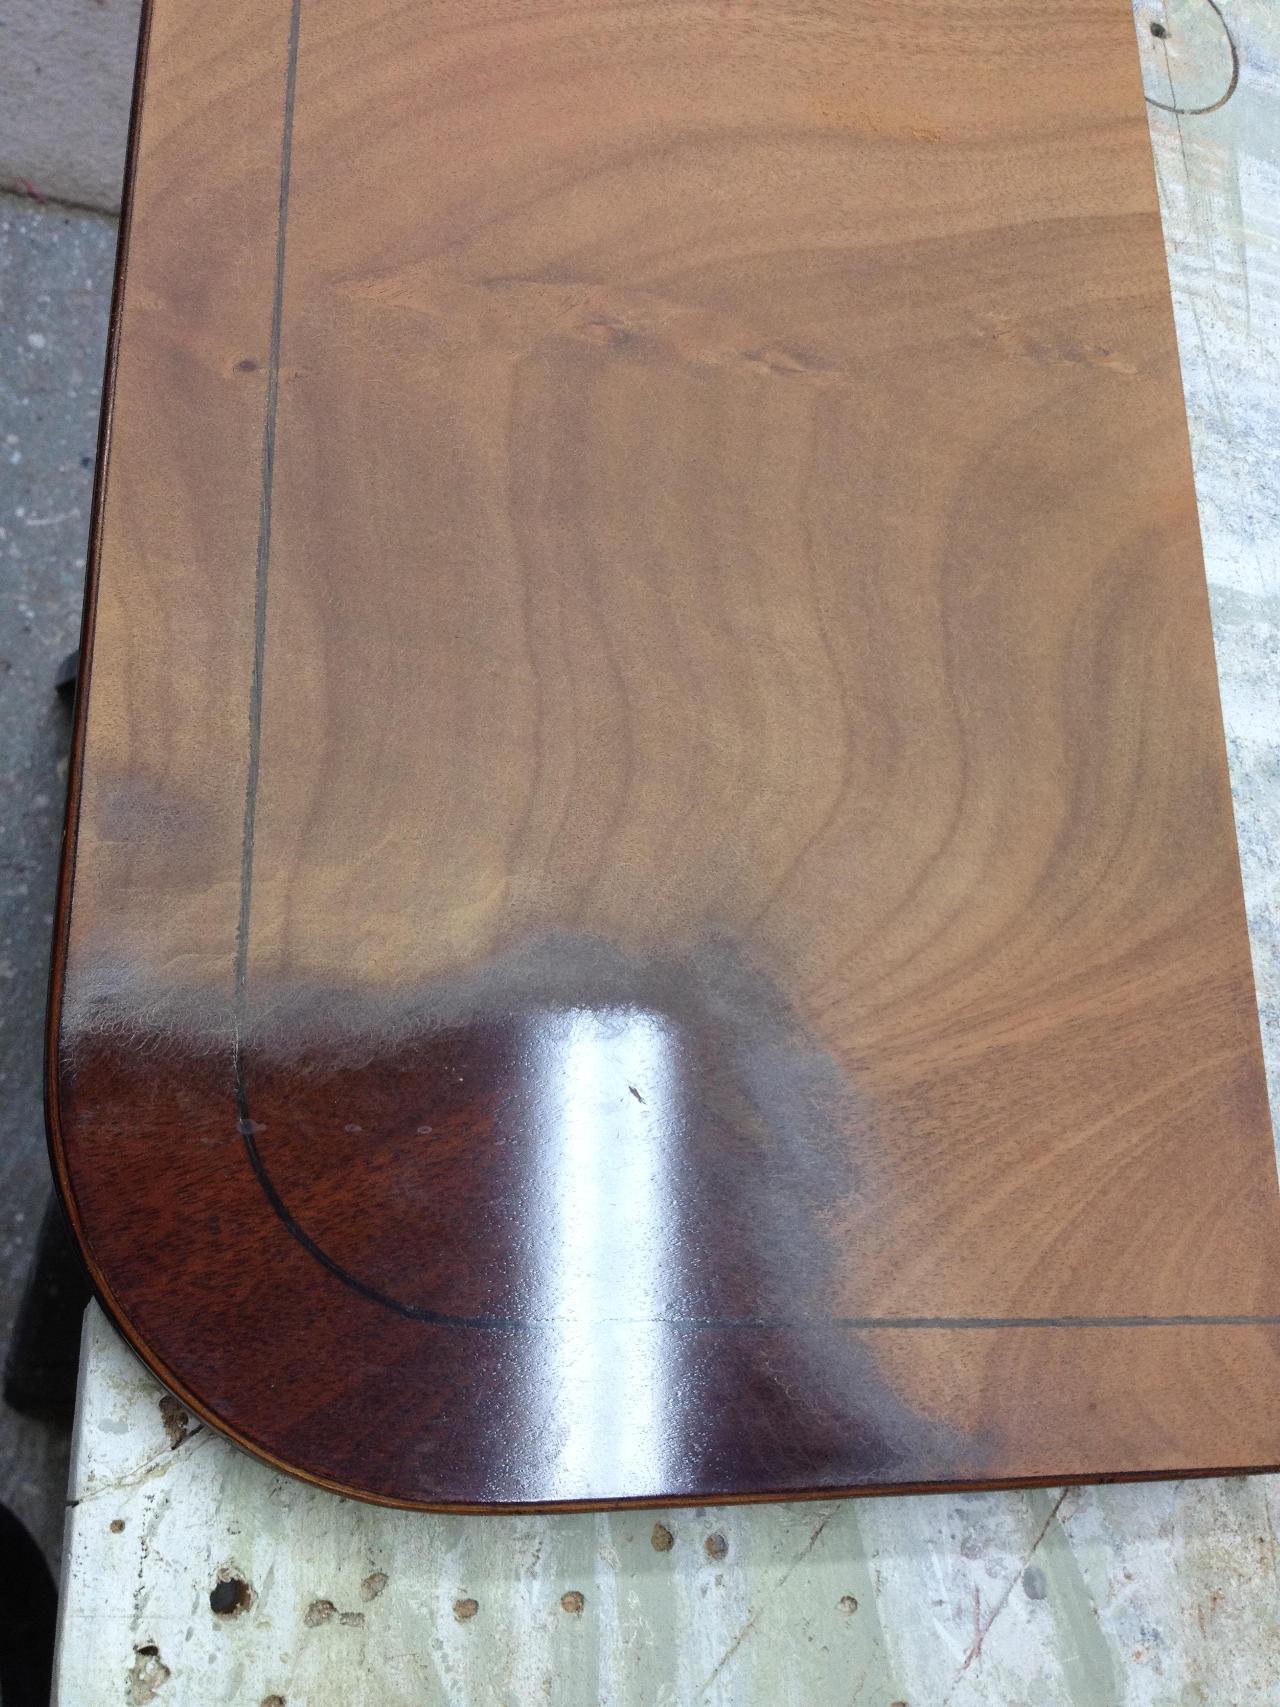 Rubbing off varnish